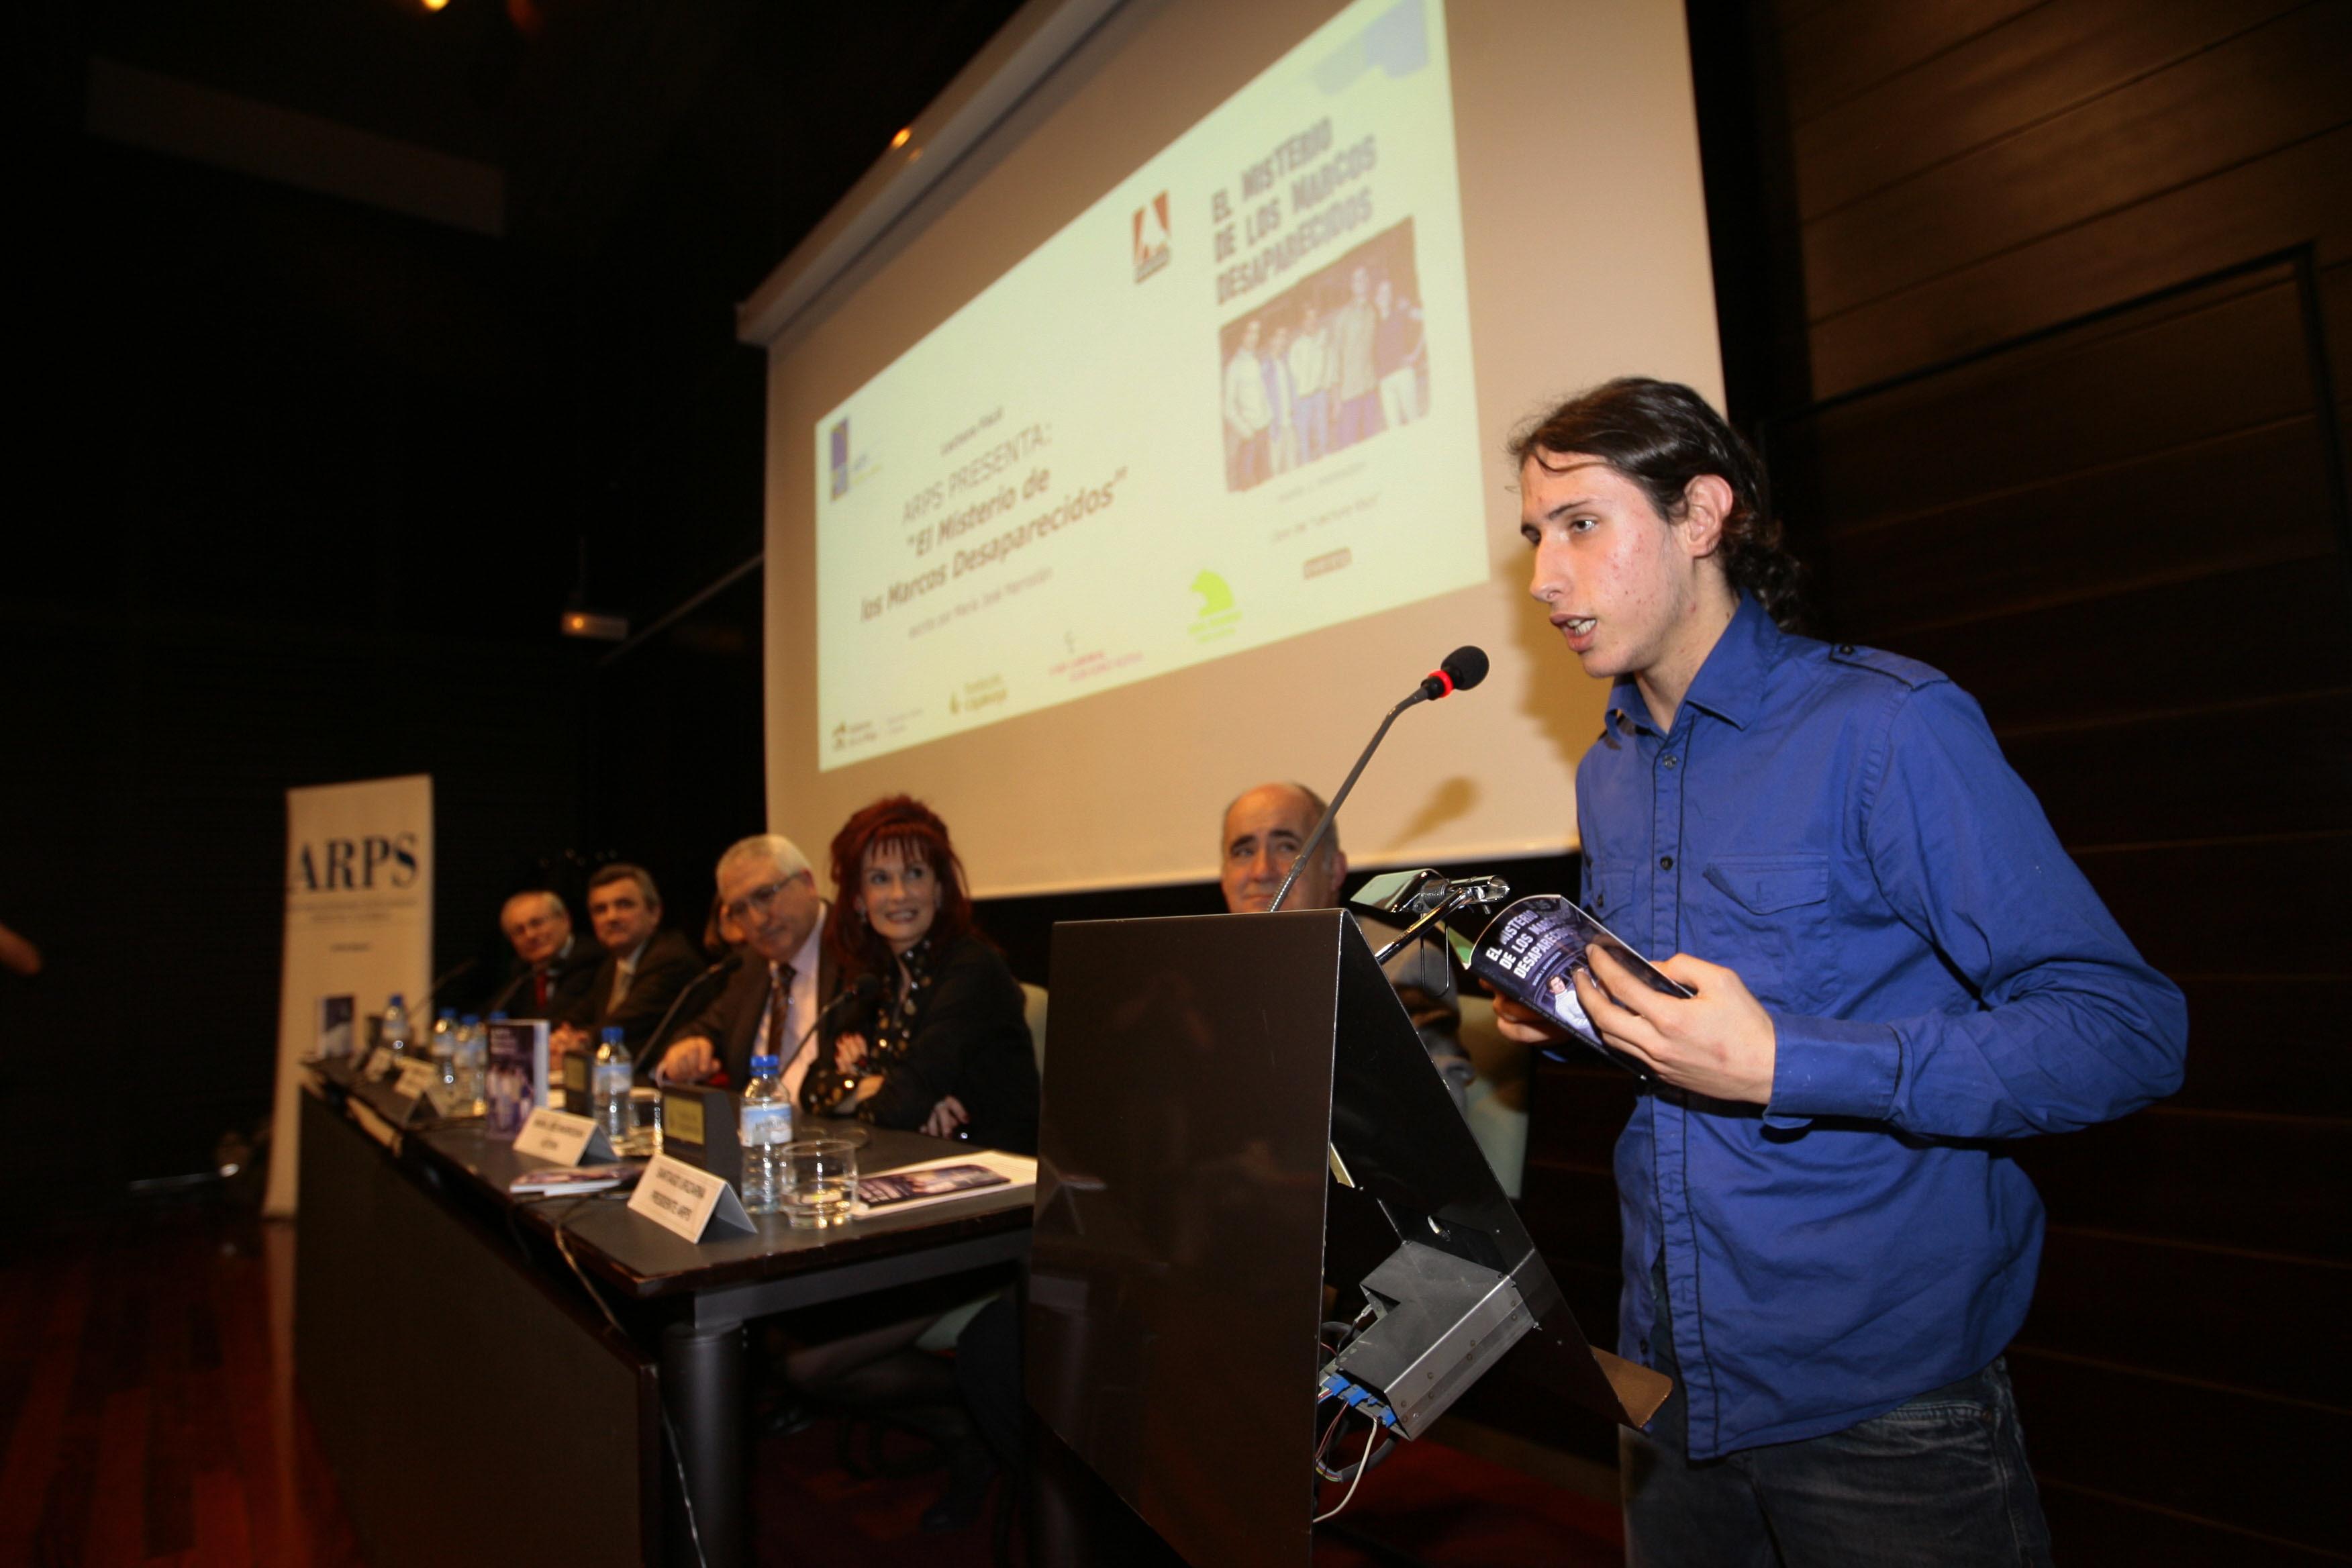 Presentación del libro en Logroño